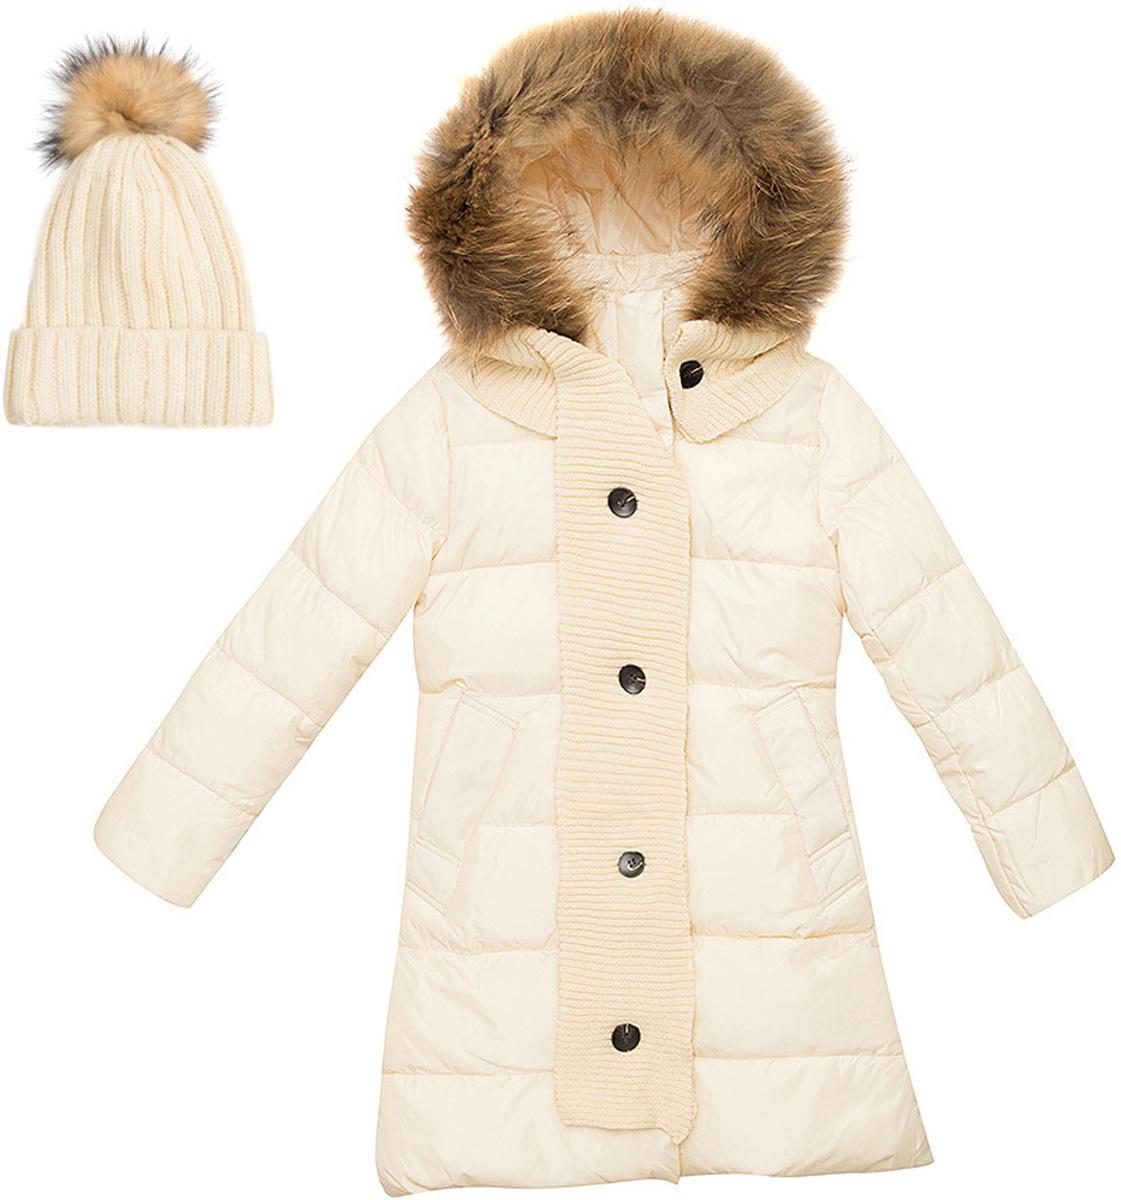 Комплект верхней одежды для девочки Vitacci: куртка, шапка, шарф, цвет: молочный. 2171458-25. Размер 1502171458-25Теплый комплект для девочки Vitacci идеально подойдет для ребенка в холодное время года. Комплект состоит из куртки, шапки и шарфа.Удлиненная куртка, изготовленная из полиэстера, станет стильнымдополнением к детскому гардеробу.Подкладка выполнена из полиэстера и дополнительно утеплена флисом по спинке. В качестве наполнителя используется биопух.Модель застегивается на застежку-молнию и имеет съемный капюшон с отделкой из натурального меха. Спереди расположены два кармана.Шапка с отворотом декорирована на макушке помпоном из натурального меха. Входящий в комплект шарф может служить дополнительно декором к куртке. Температурный режим от -10°С до -25°С.Теплая, удобная и практичная куртка идеально подойдет юной моднице для прогулок!